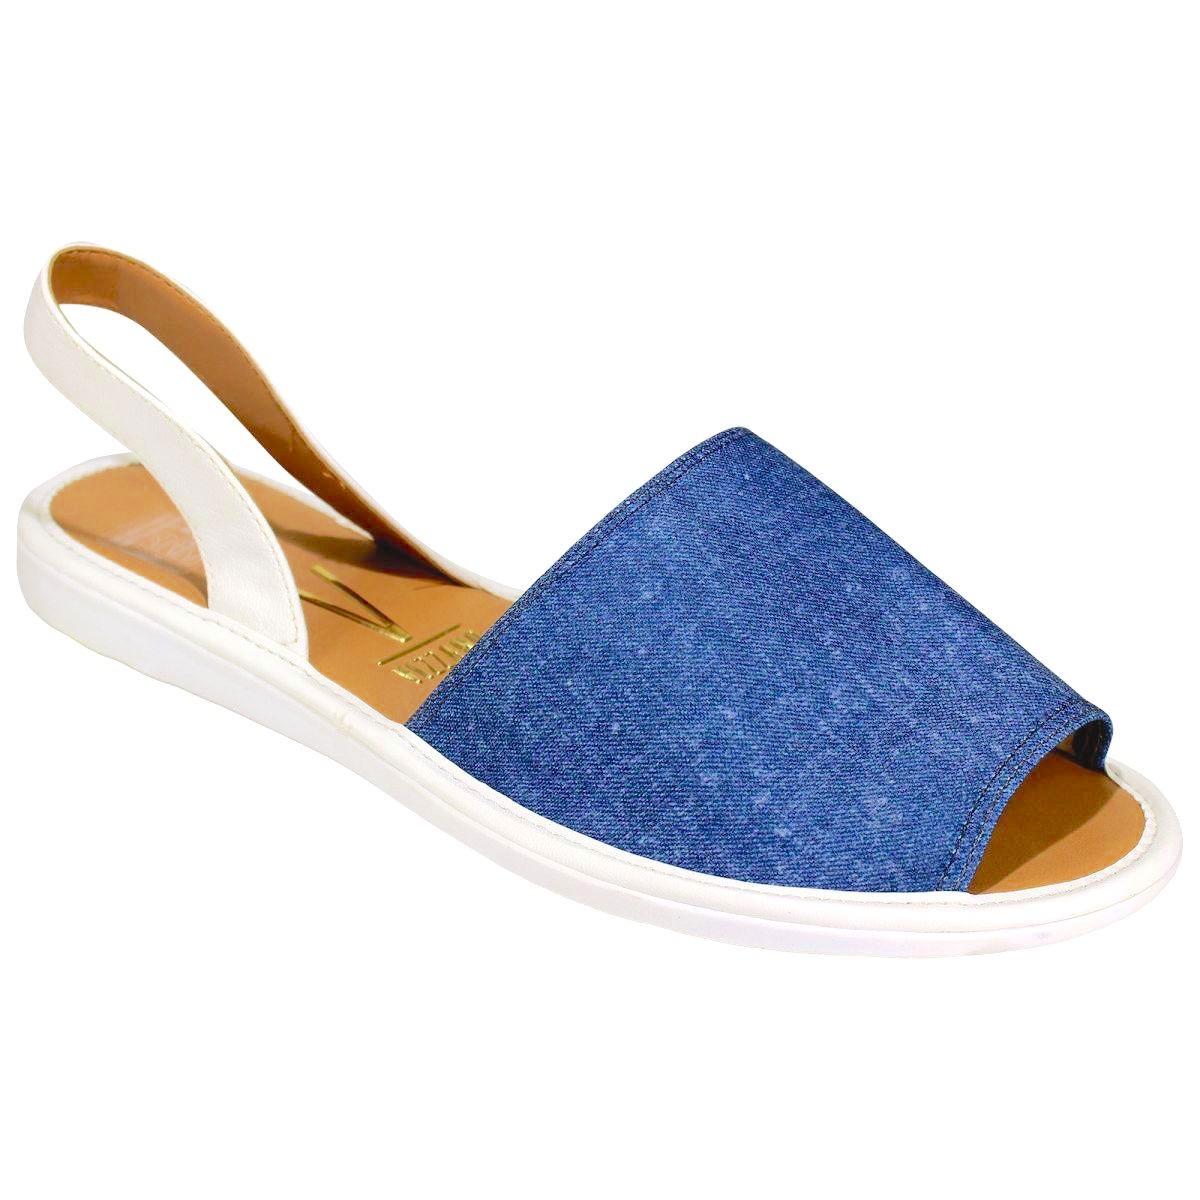 70b0ec00bd sandalia feminino rasteira avarca vizzano jeans 6280 clique+. Carregando  zoom.